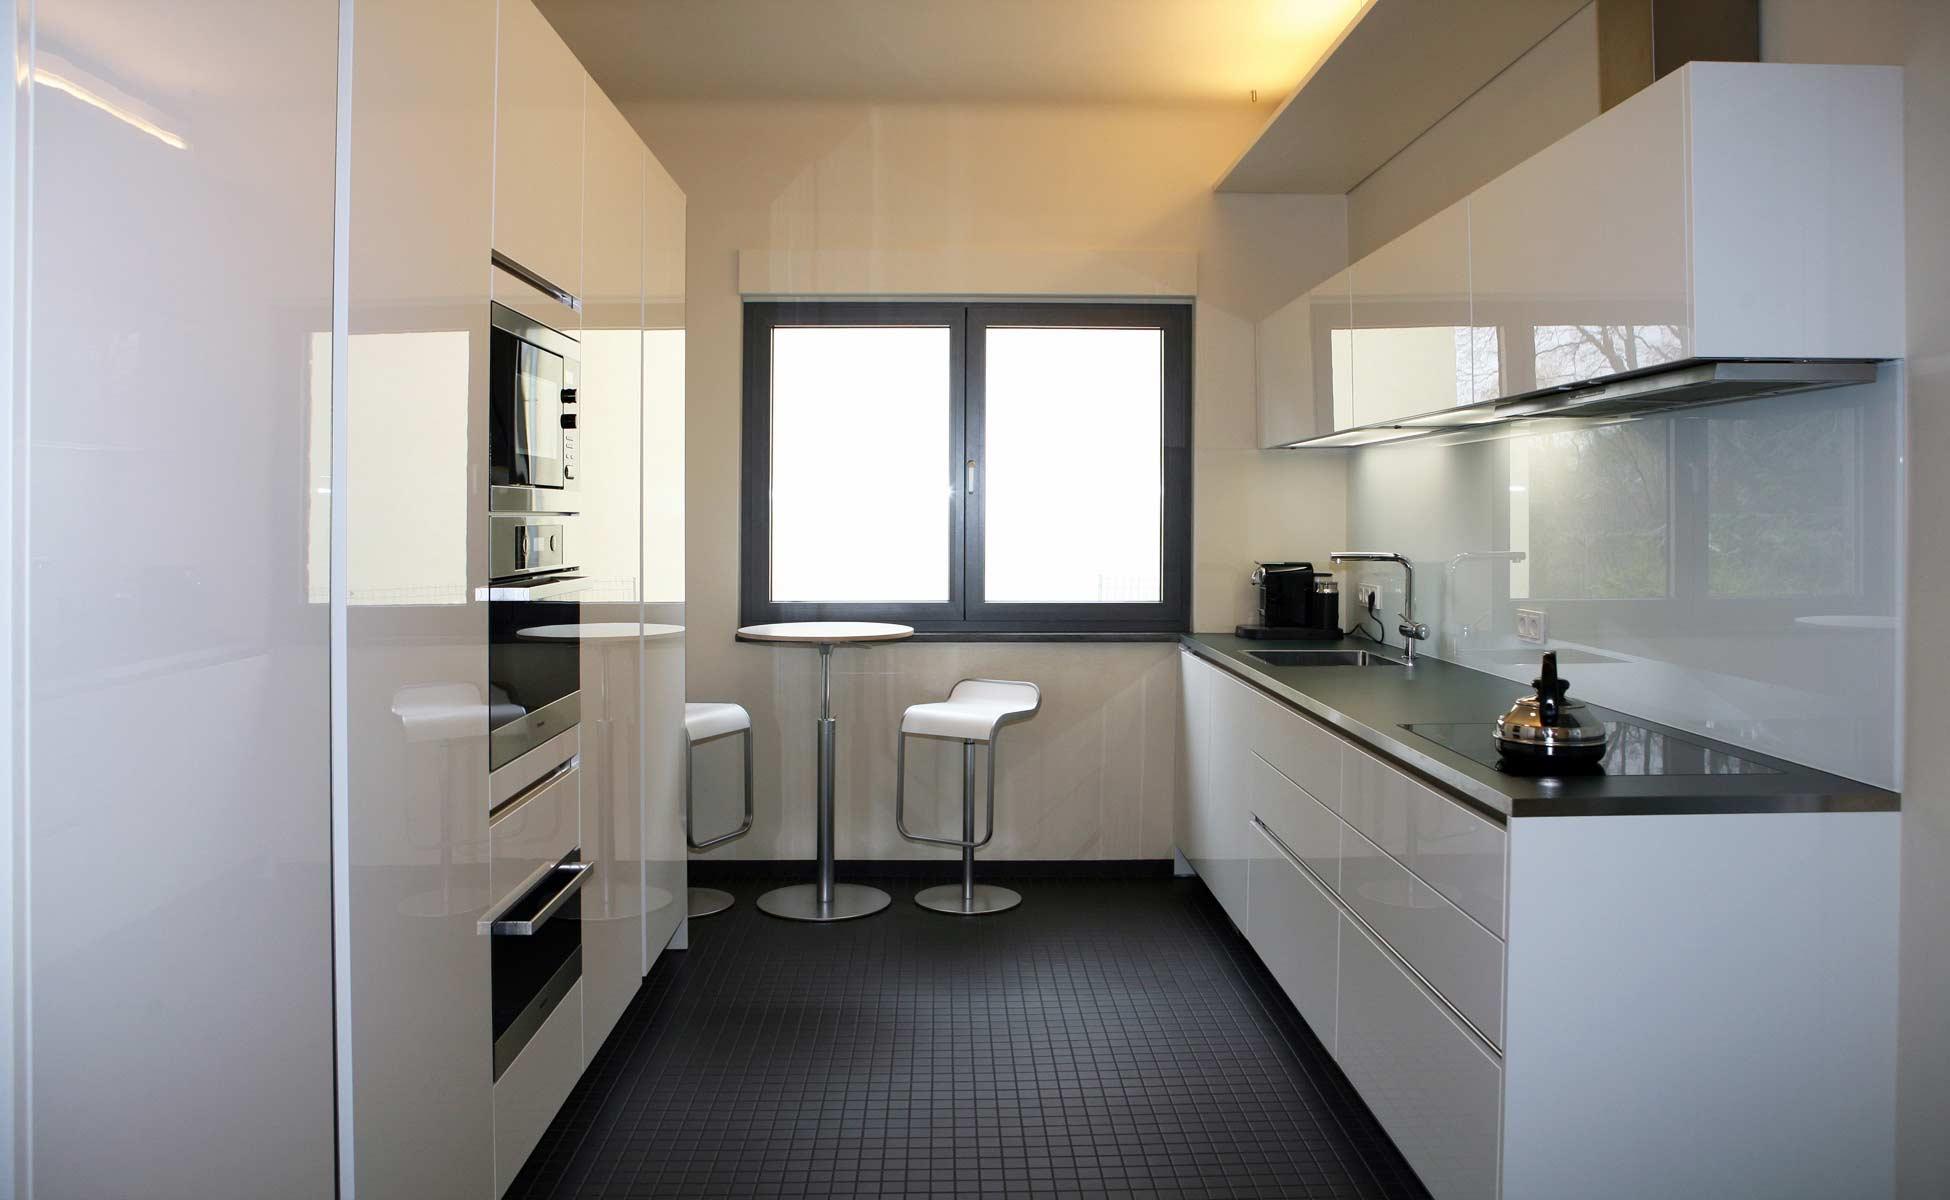 küche miele + warendorf von steidten+ berlin